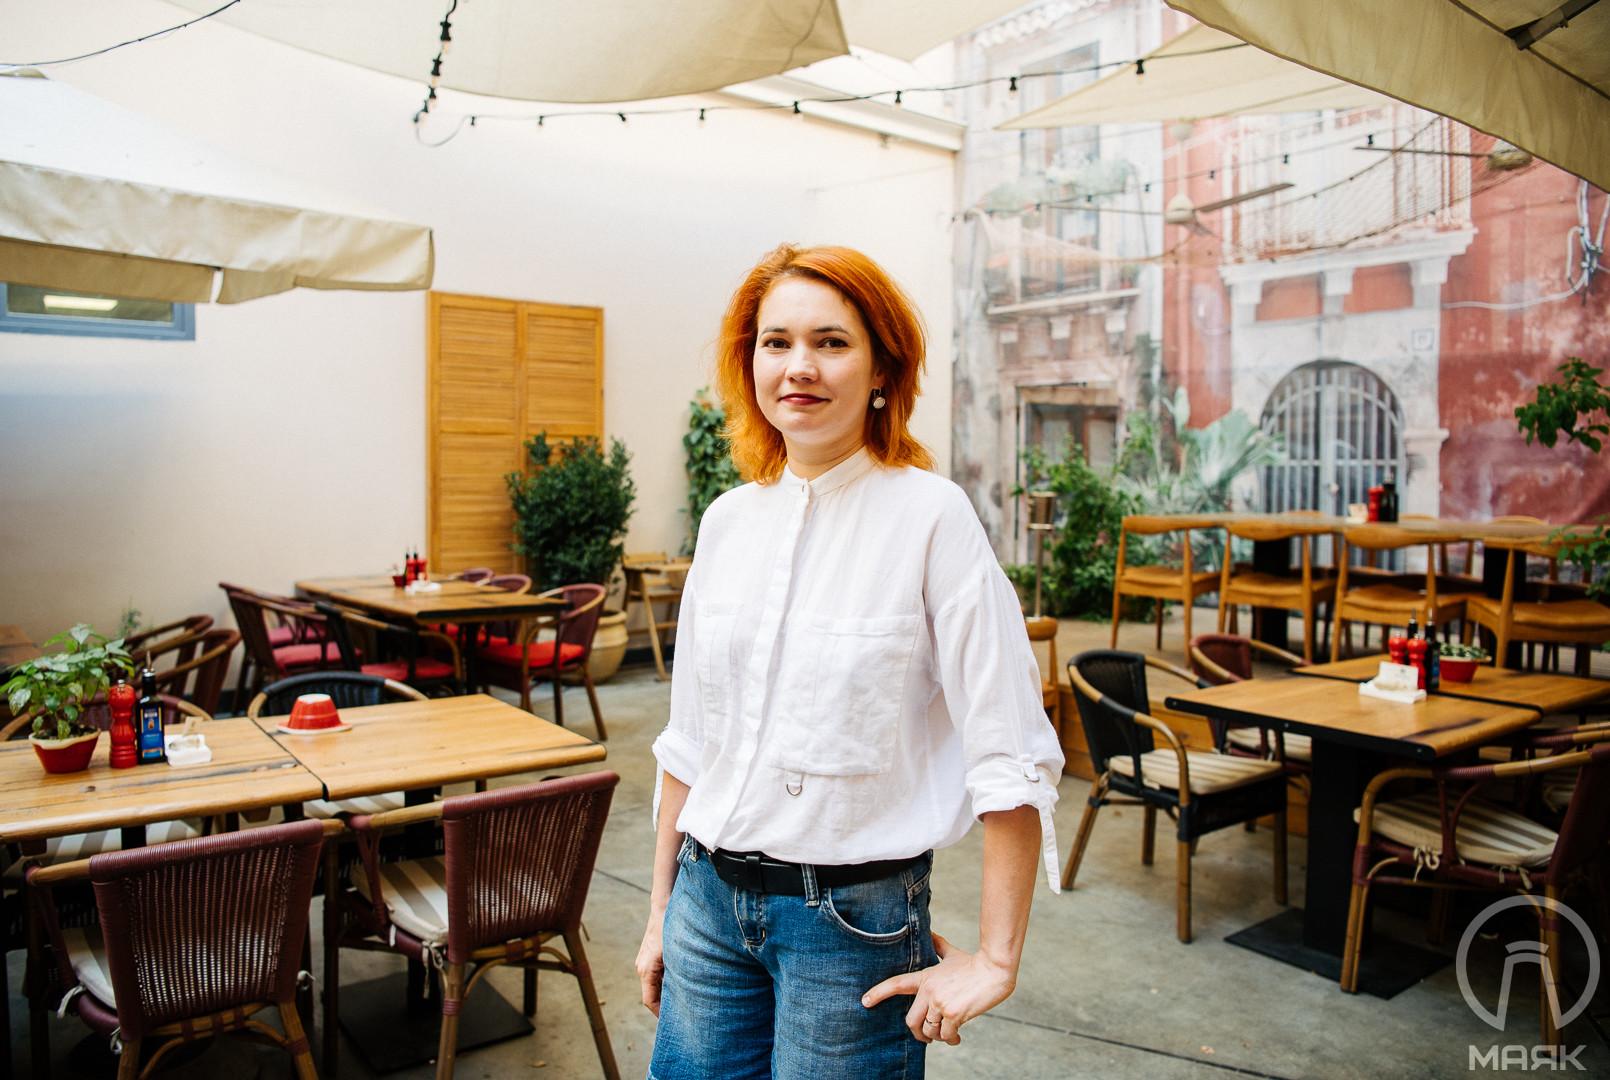 Как жить с аллергией на множество продуктов и где в Одессе аллергикам покупать еду